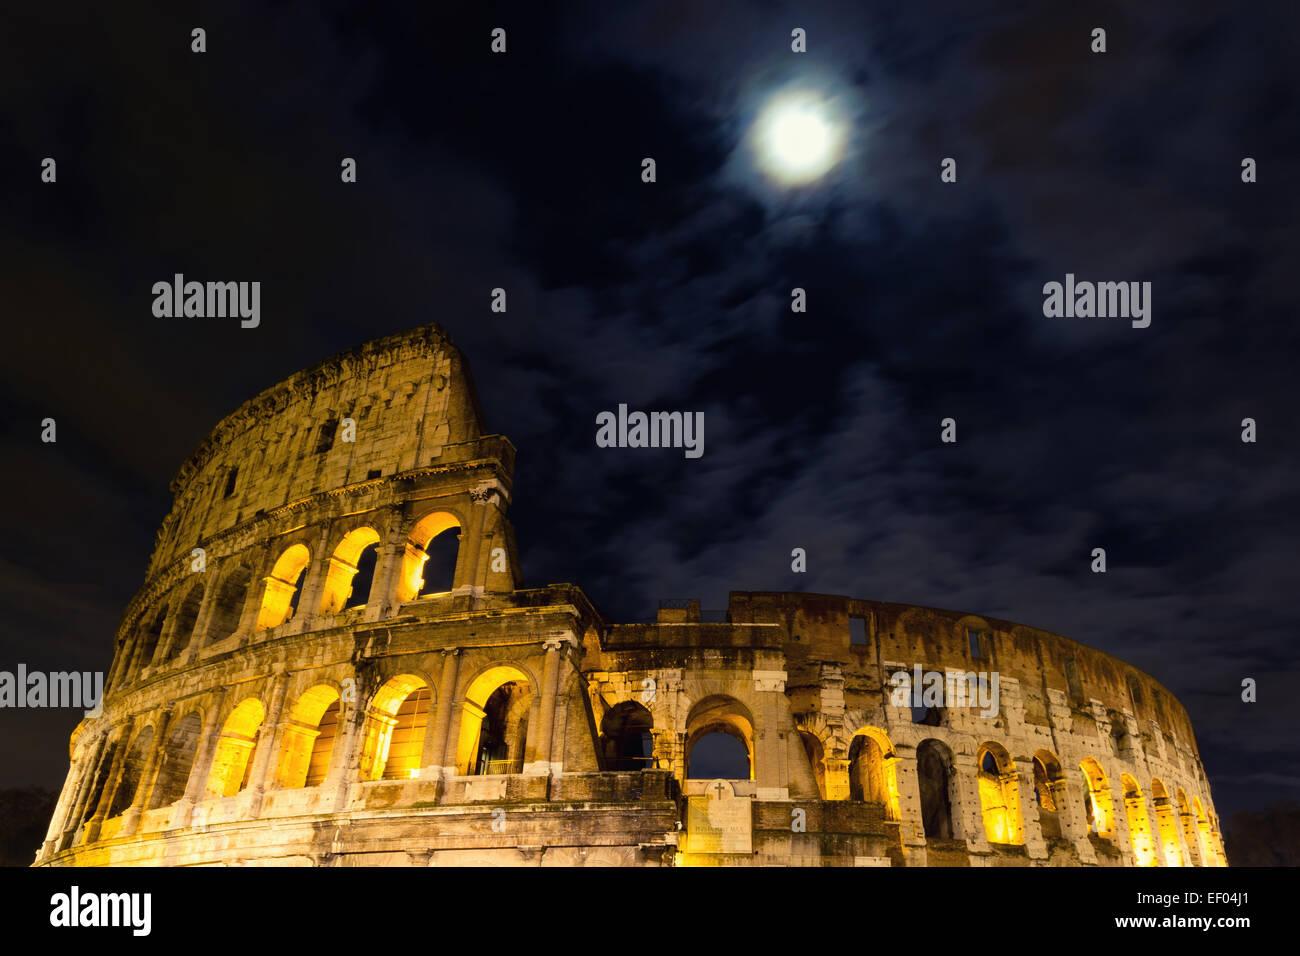 Il Colosseo sotto la luna piena, Roma, Italia Immagini Stock